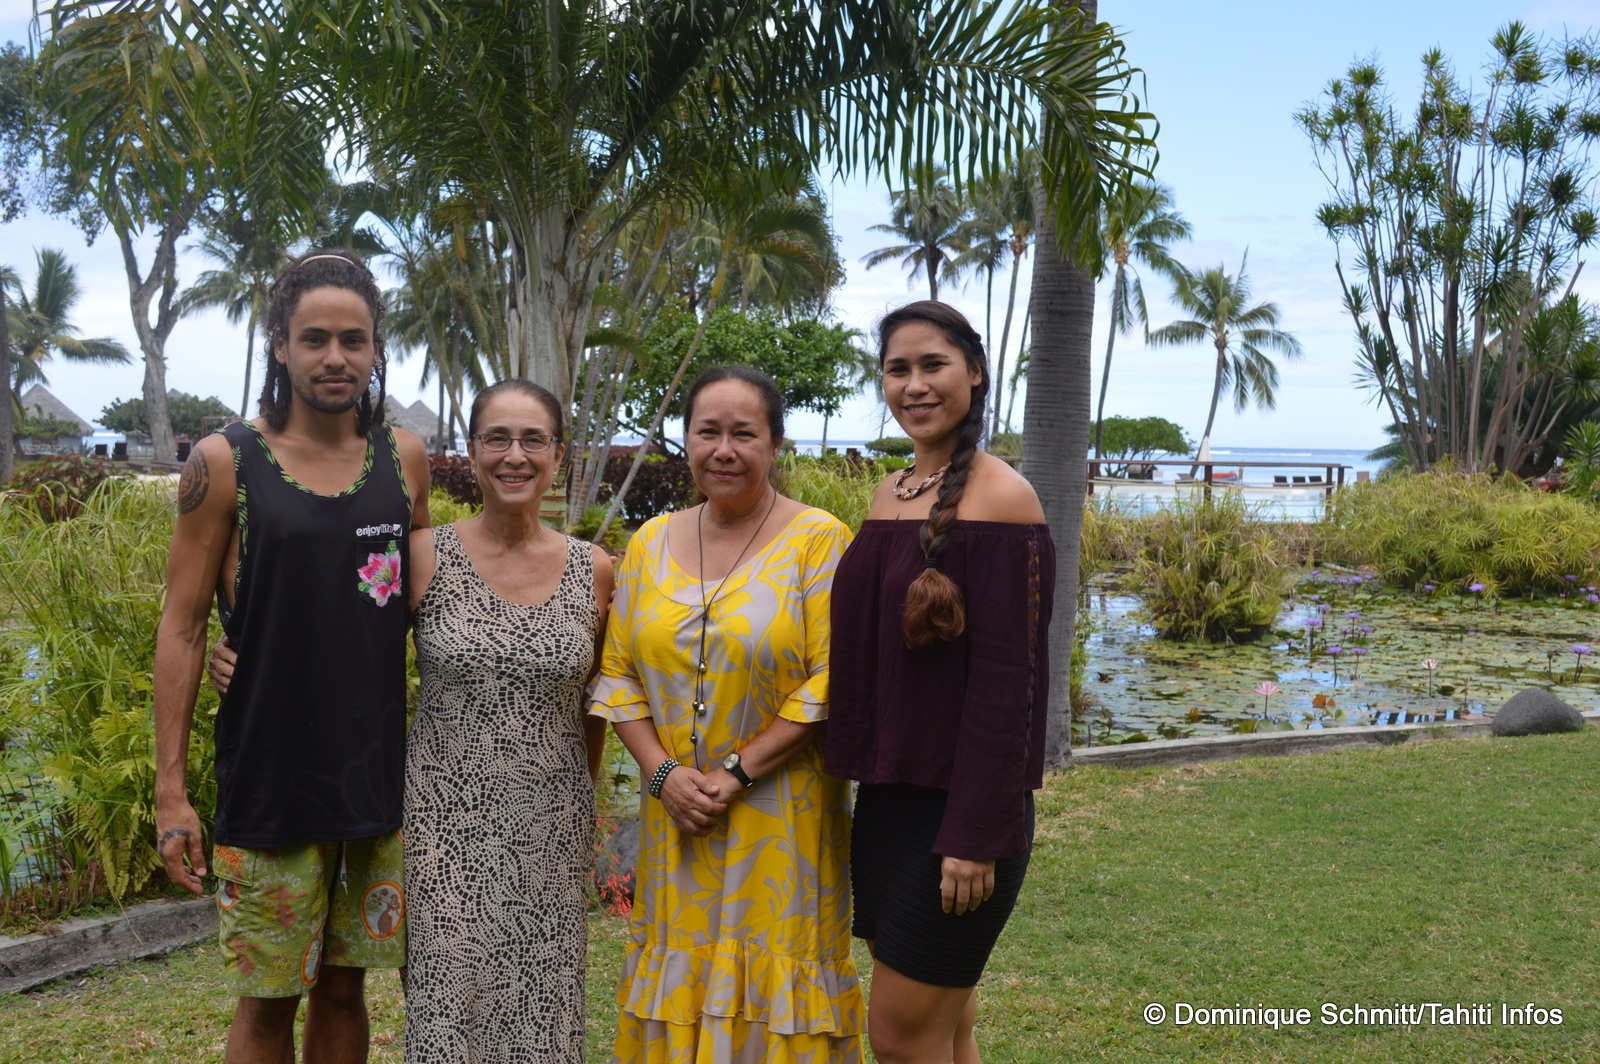 Tuarii Tracqui, Tumata Robinson, Manouche Lehartel et Taiana Mahinui attendent plusieurs centaines d'artistes sur la scène du Méridien.